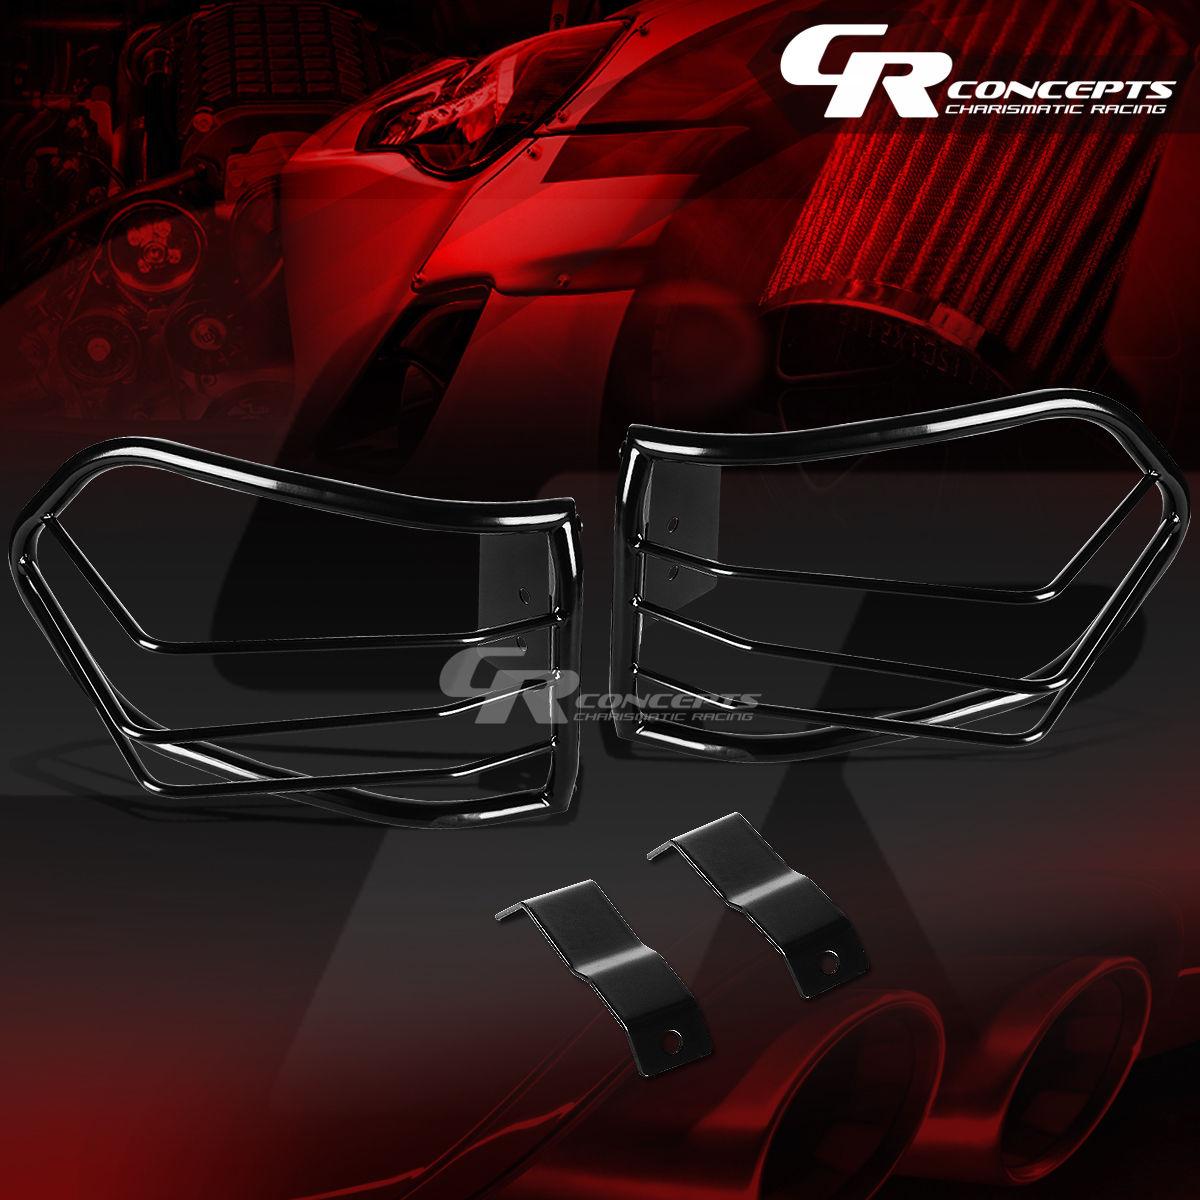 US ライトガード プロテクター ペアブラックステンレステールライト/ランプガード+ 07-12 FJクルーザーSUVのマウント PAIR BLACK STAINLESS STEEL TAIL LIGHT/LAMP GUARD+MOUNT FOR 07-12 FJ CRUISER SUV